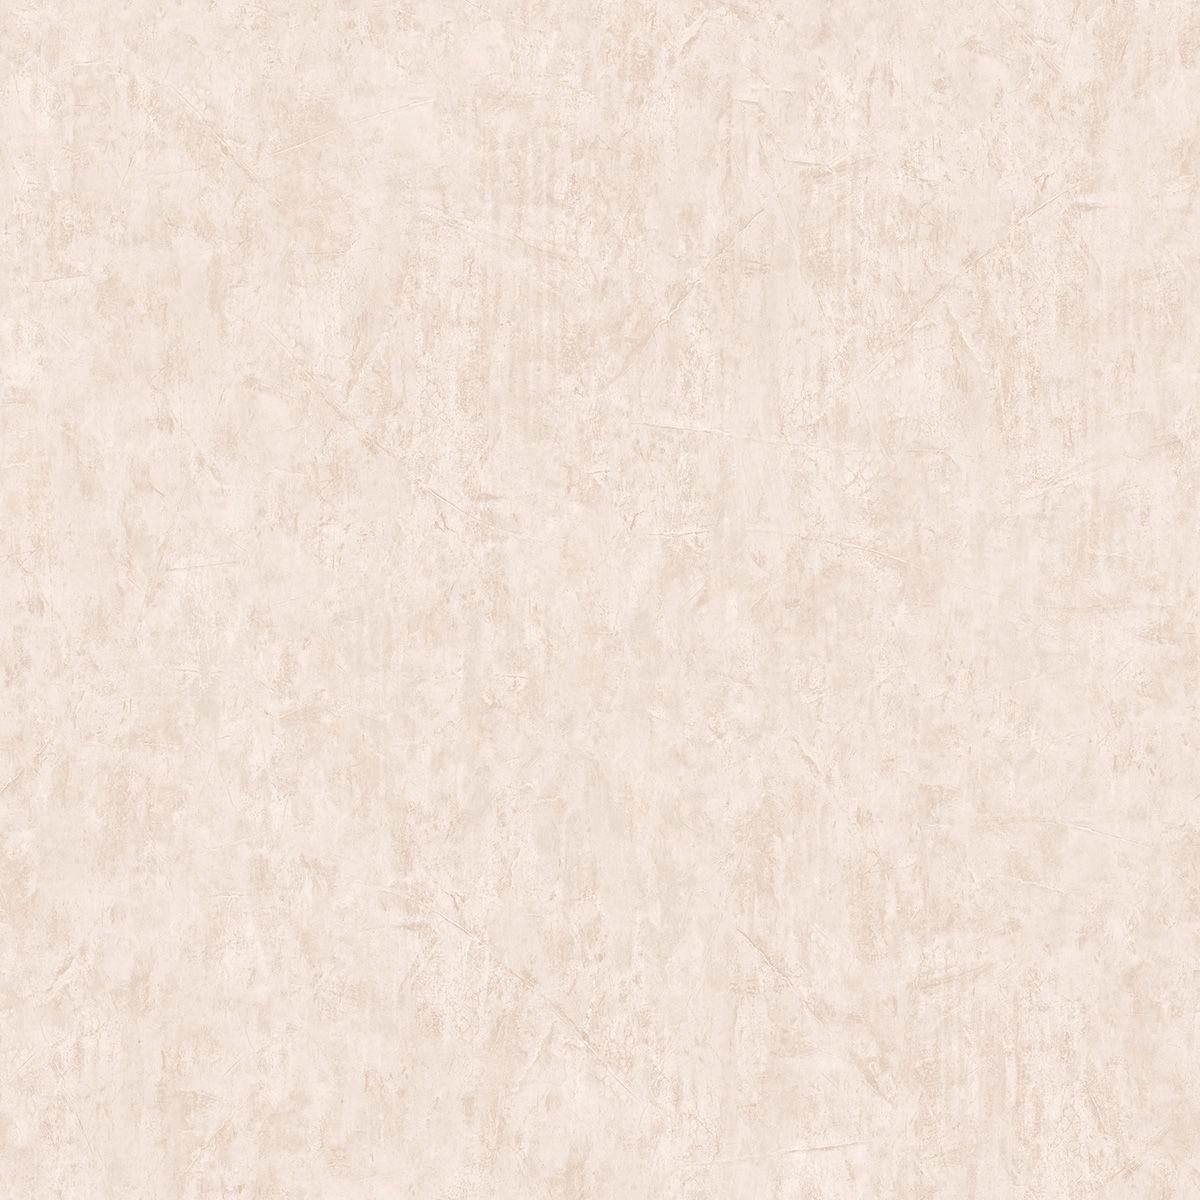 Papier peint Paillette souris Norwich vinyl intissé